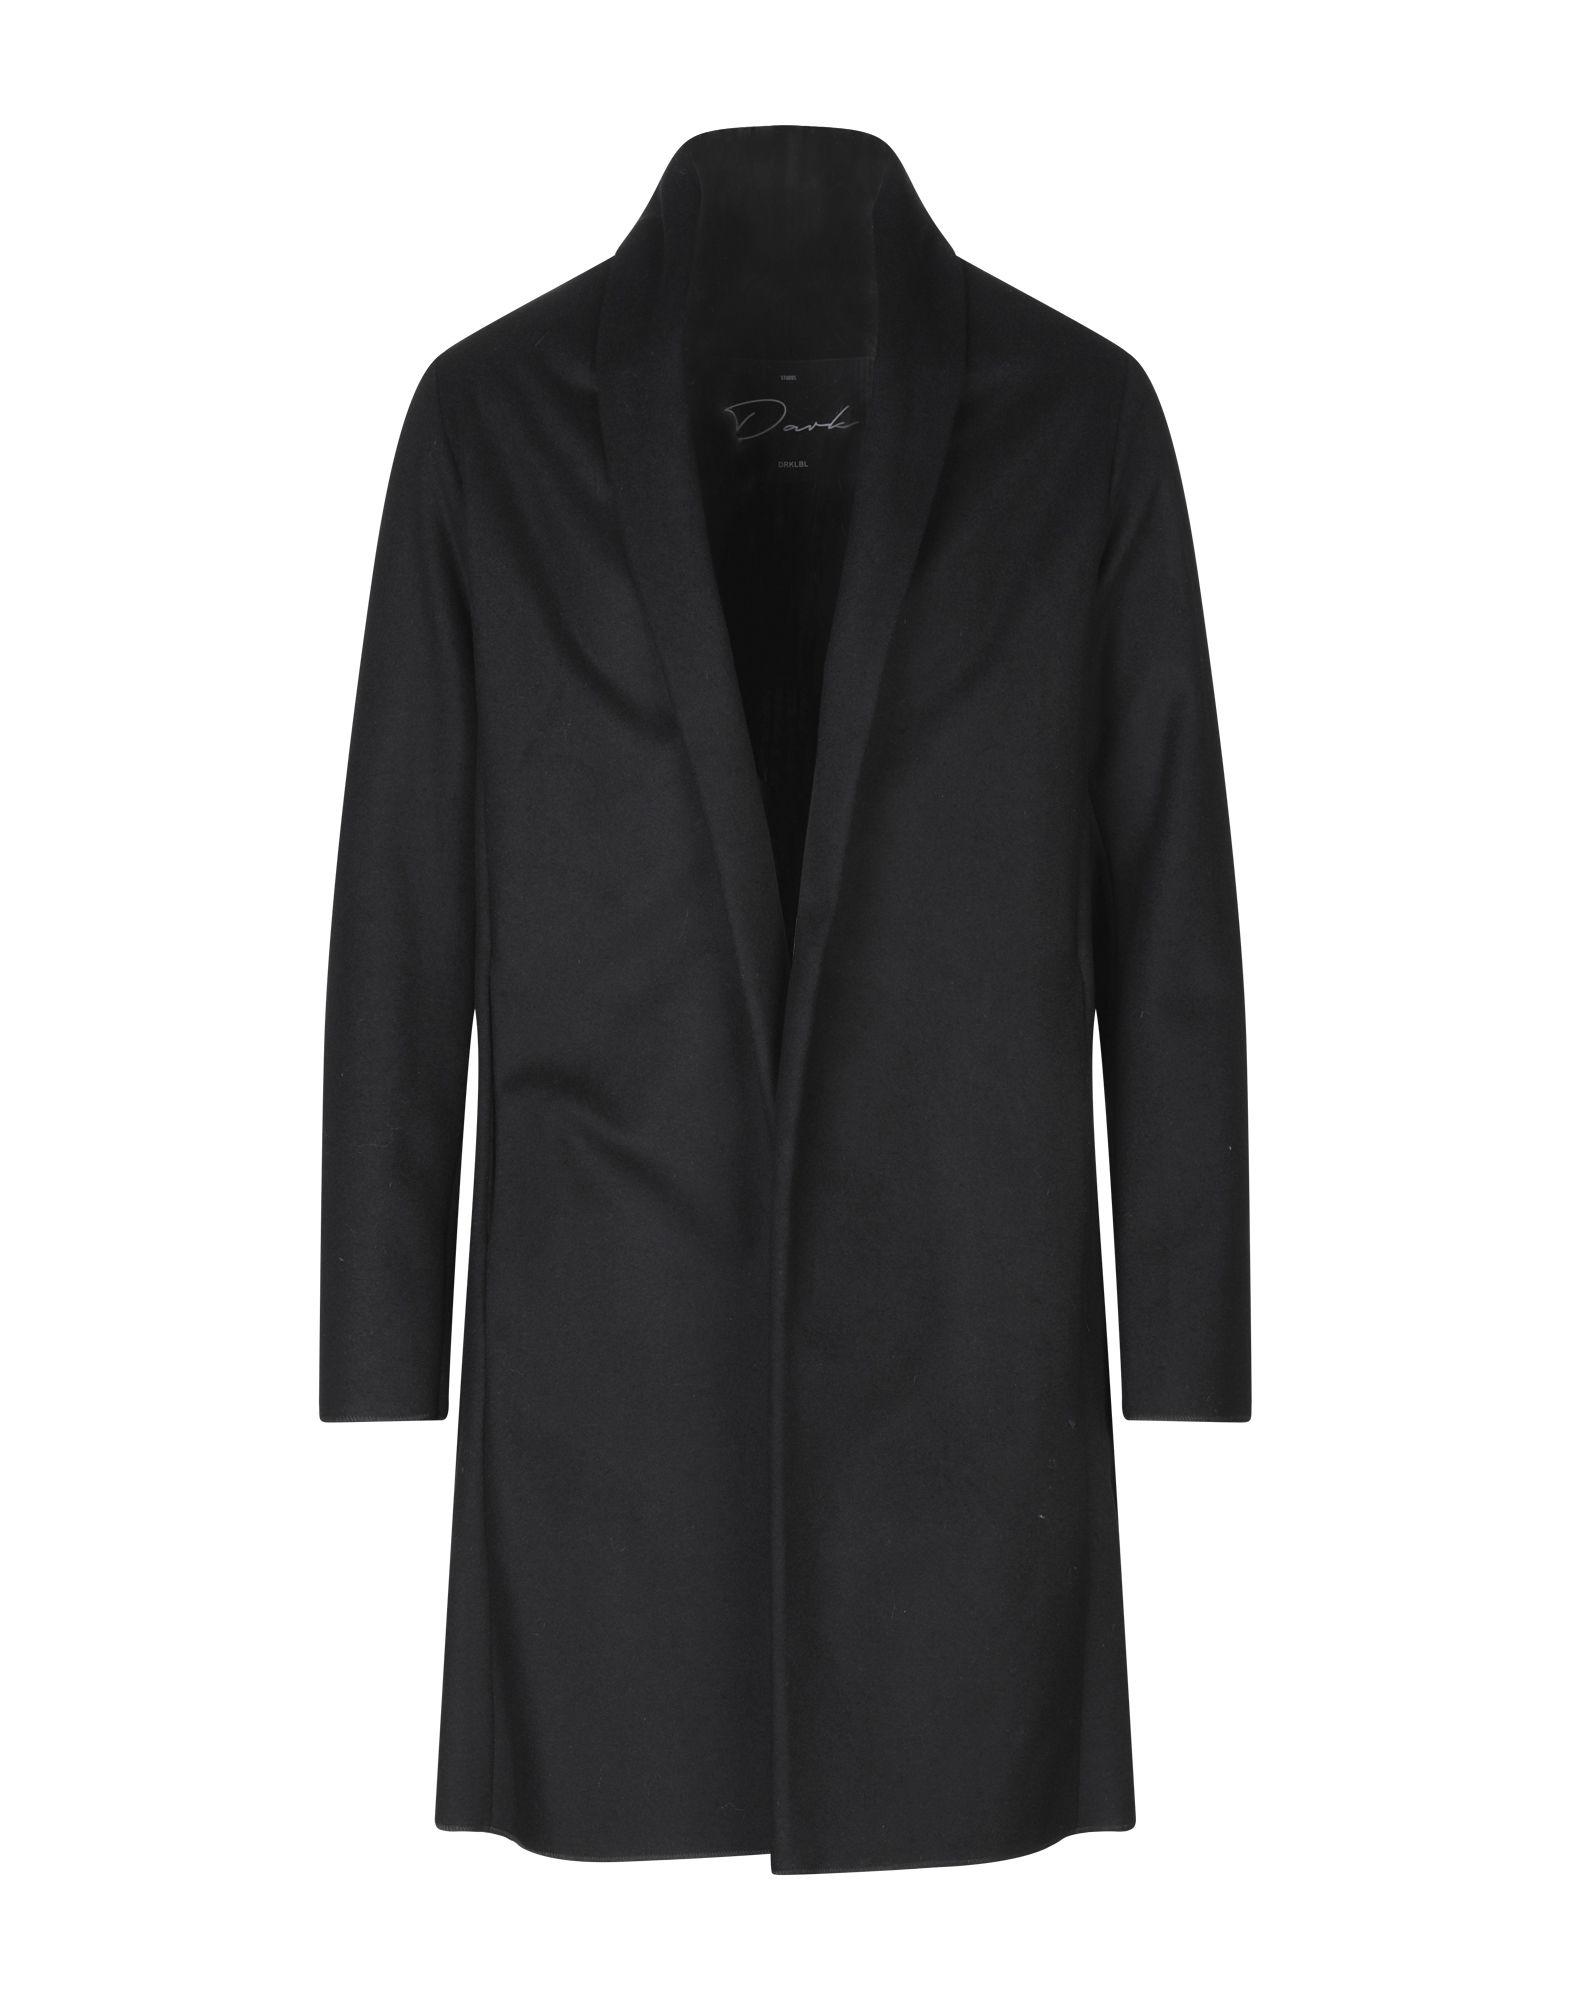 《セール開催中》DARK LABEL メンズ コート ブラック 48 ウール 70% / ナイロン 30%